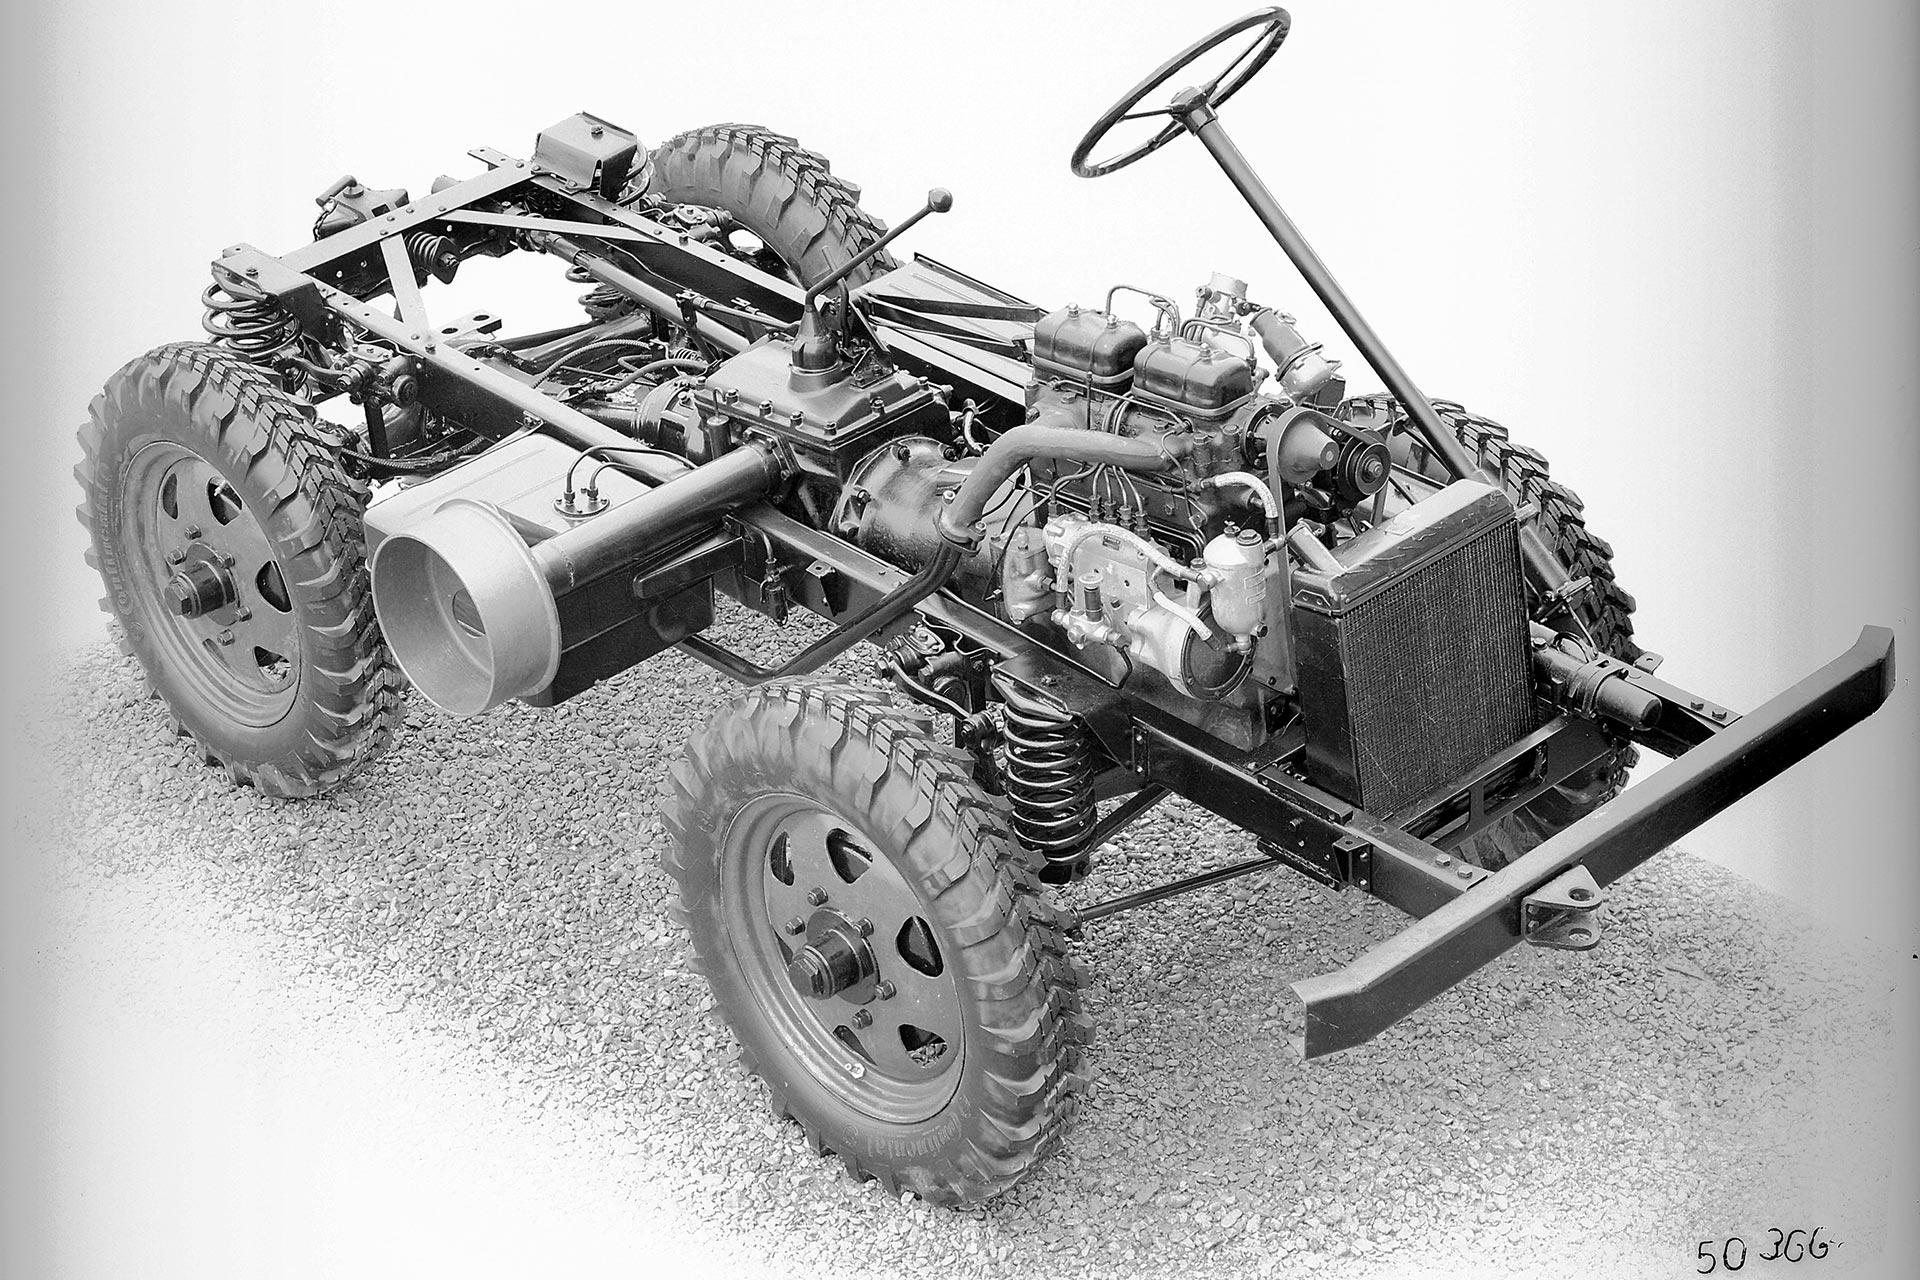 Unverwüstlich: Unimog-Fahrgestell aus dem Jahr 1949 mit Dieselmotor.